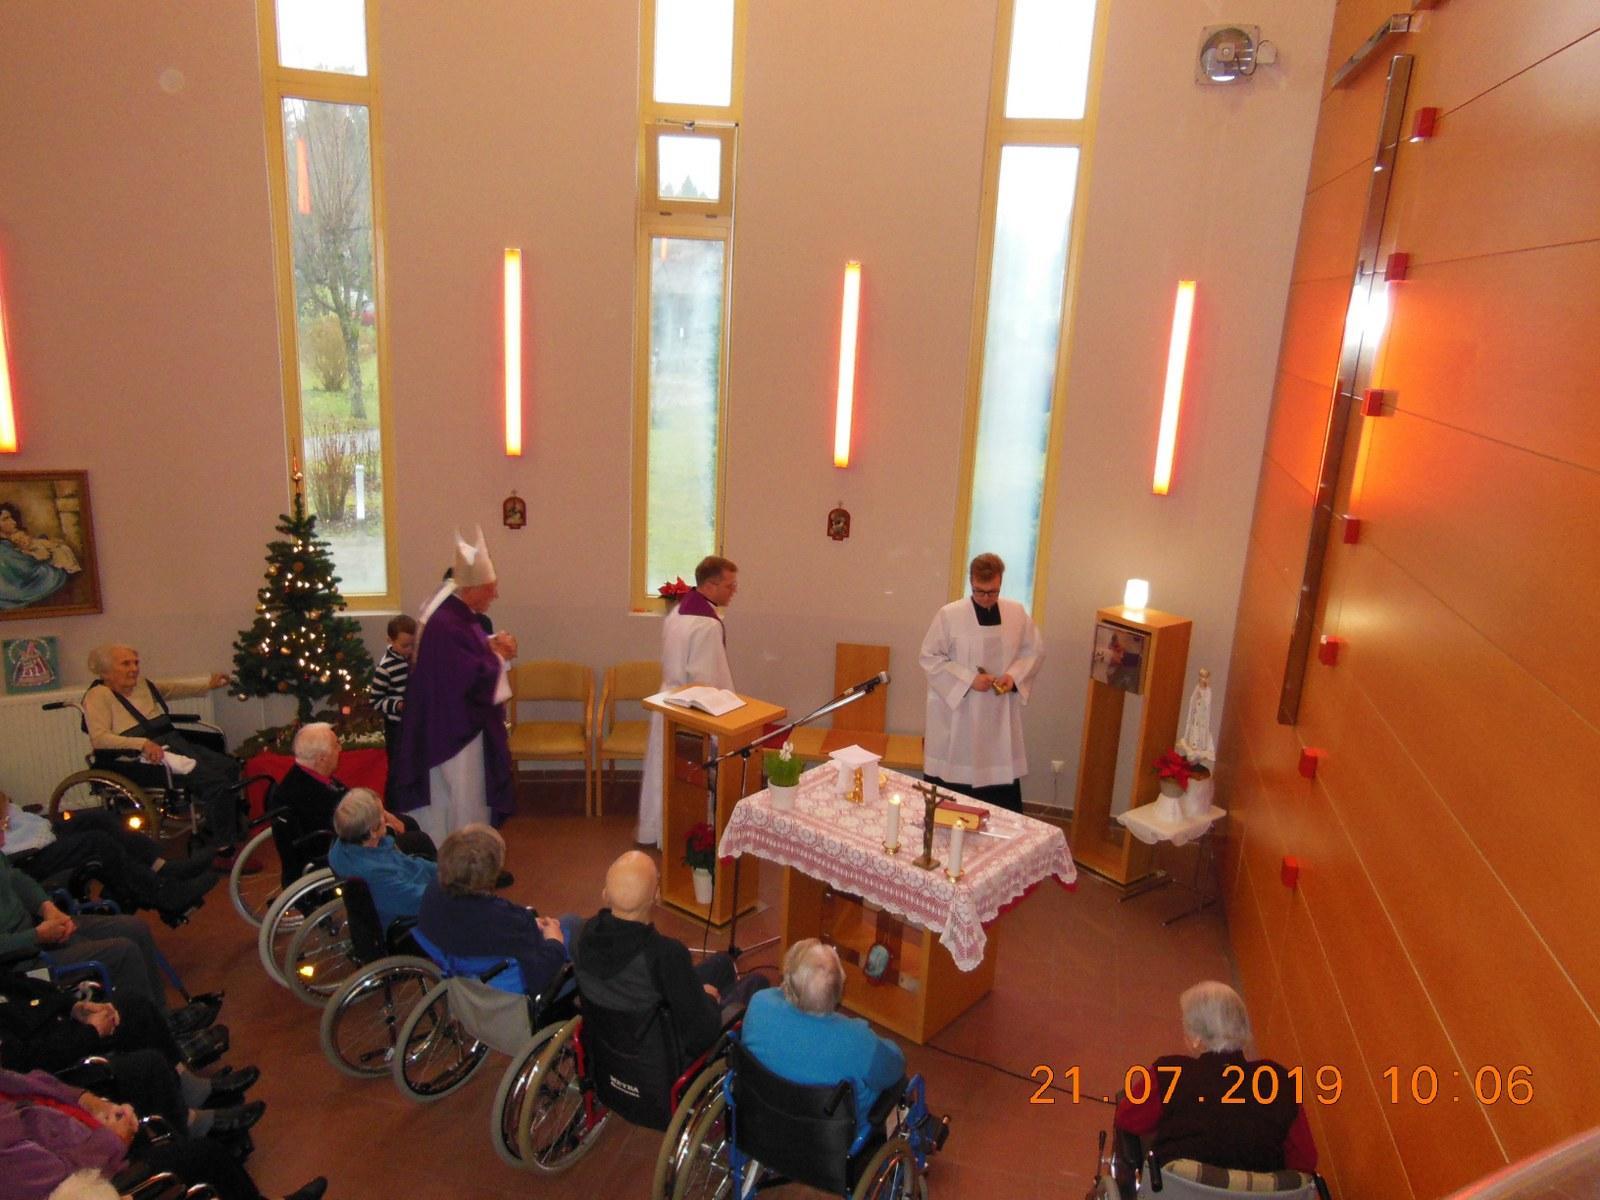 Božična maša v domu starejših